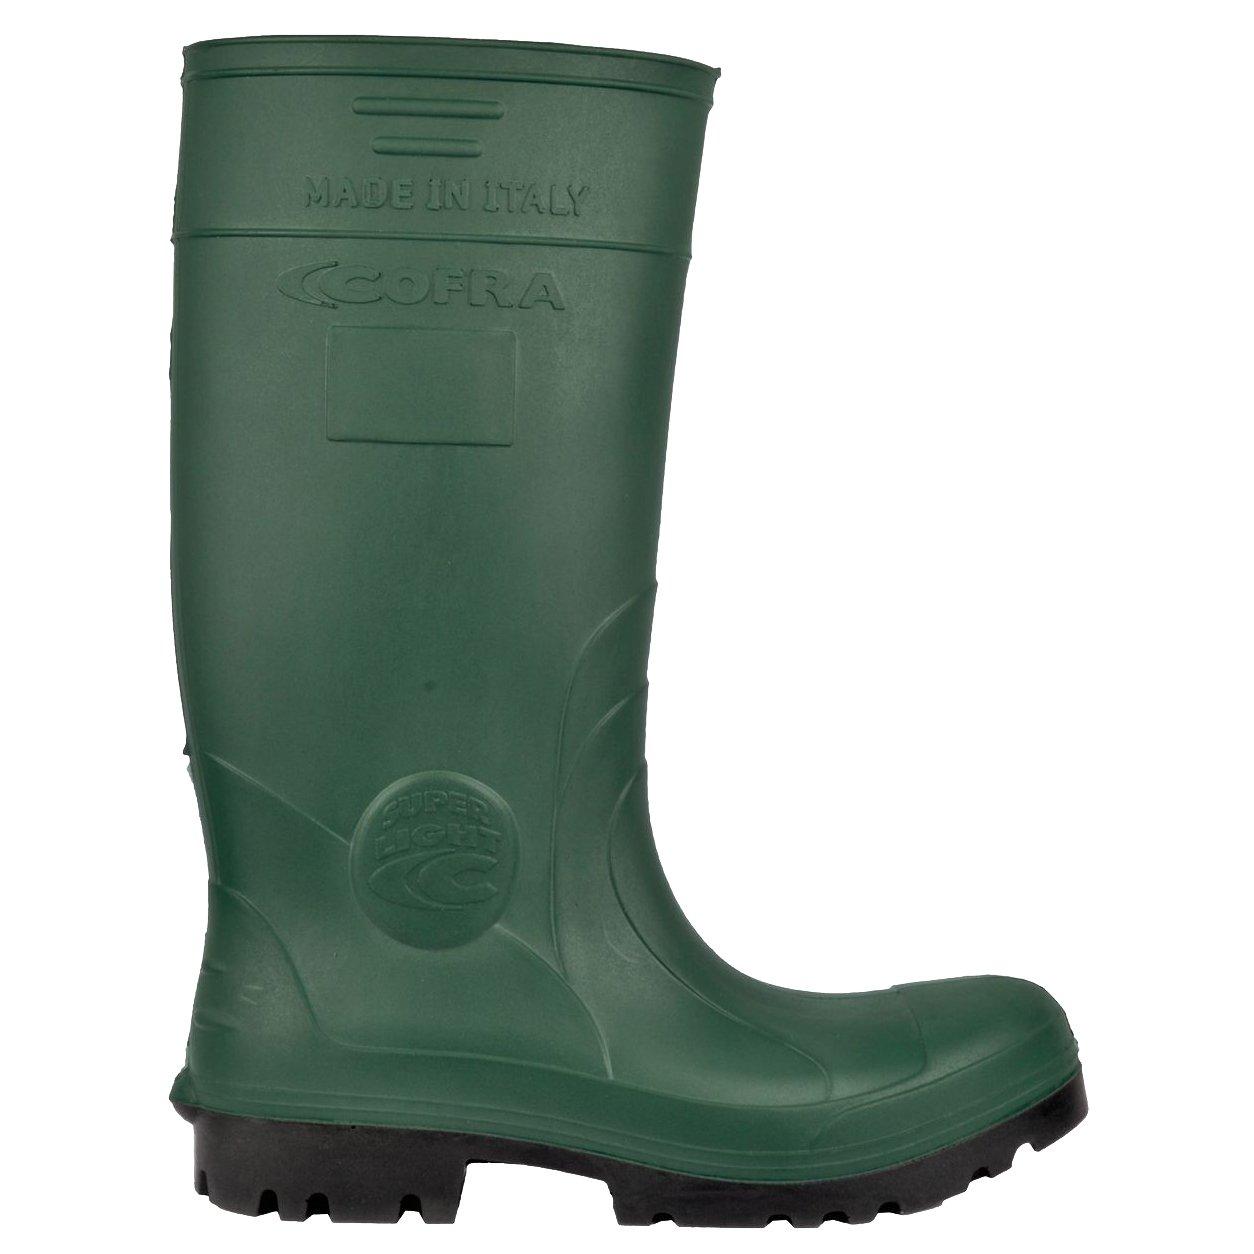 Cofra 00010 – 051.w43 taglia 43 O4 CI SRC fo Cacciatore di nuove scarpe di sicurezza, colore  verde